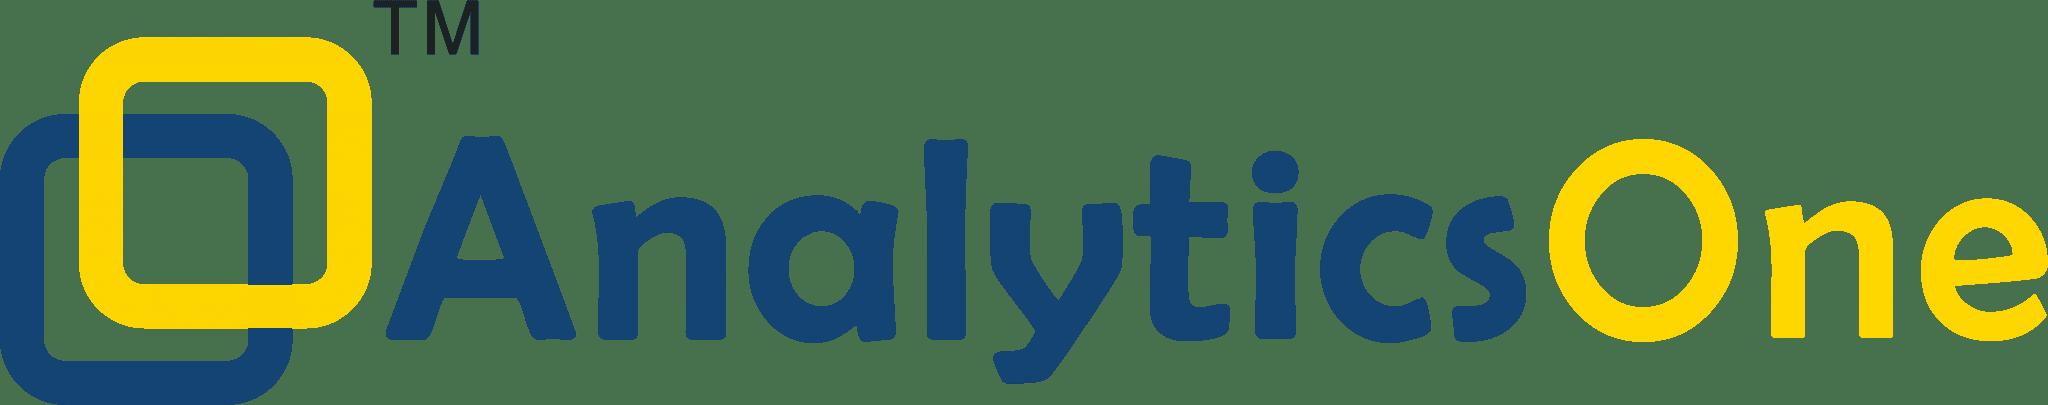 AnalyticsOne_Logo